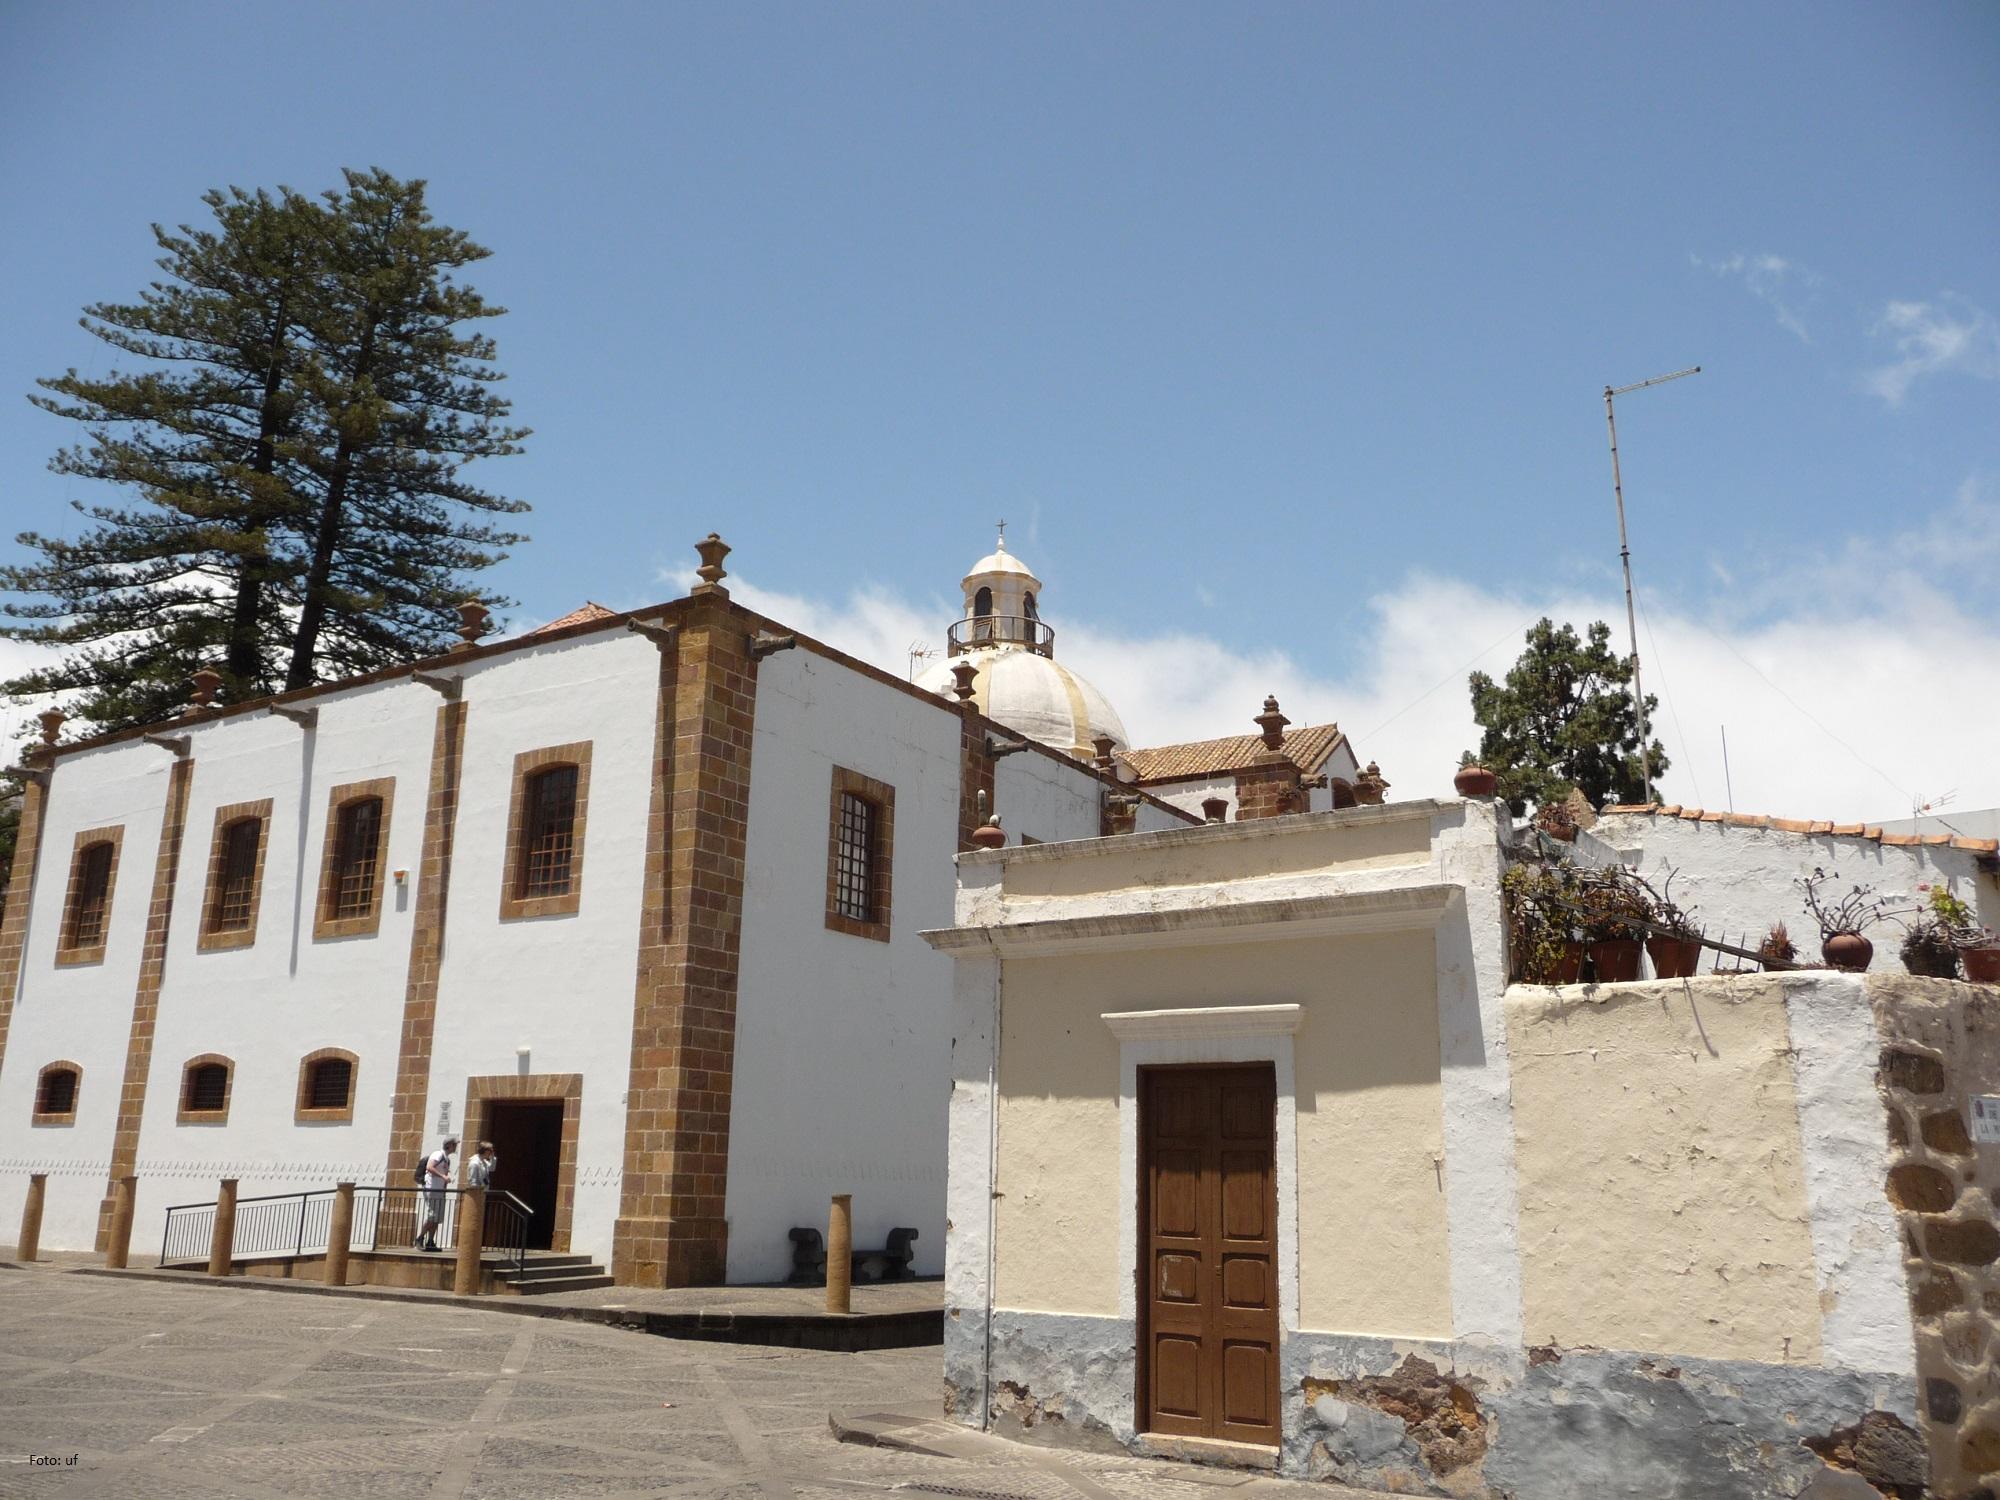 Die Kuppel der Iglesia Nuestra Senora del Pino (mit einem Außenspar)